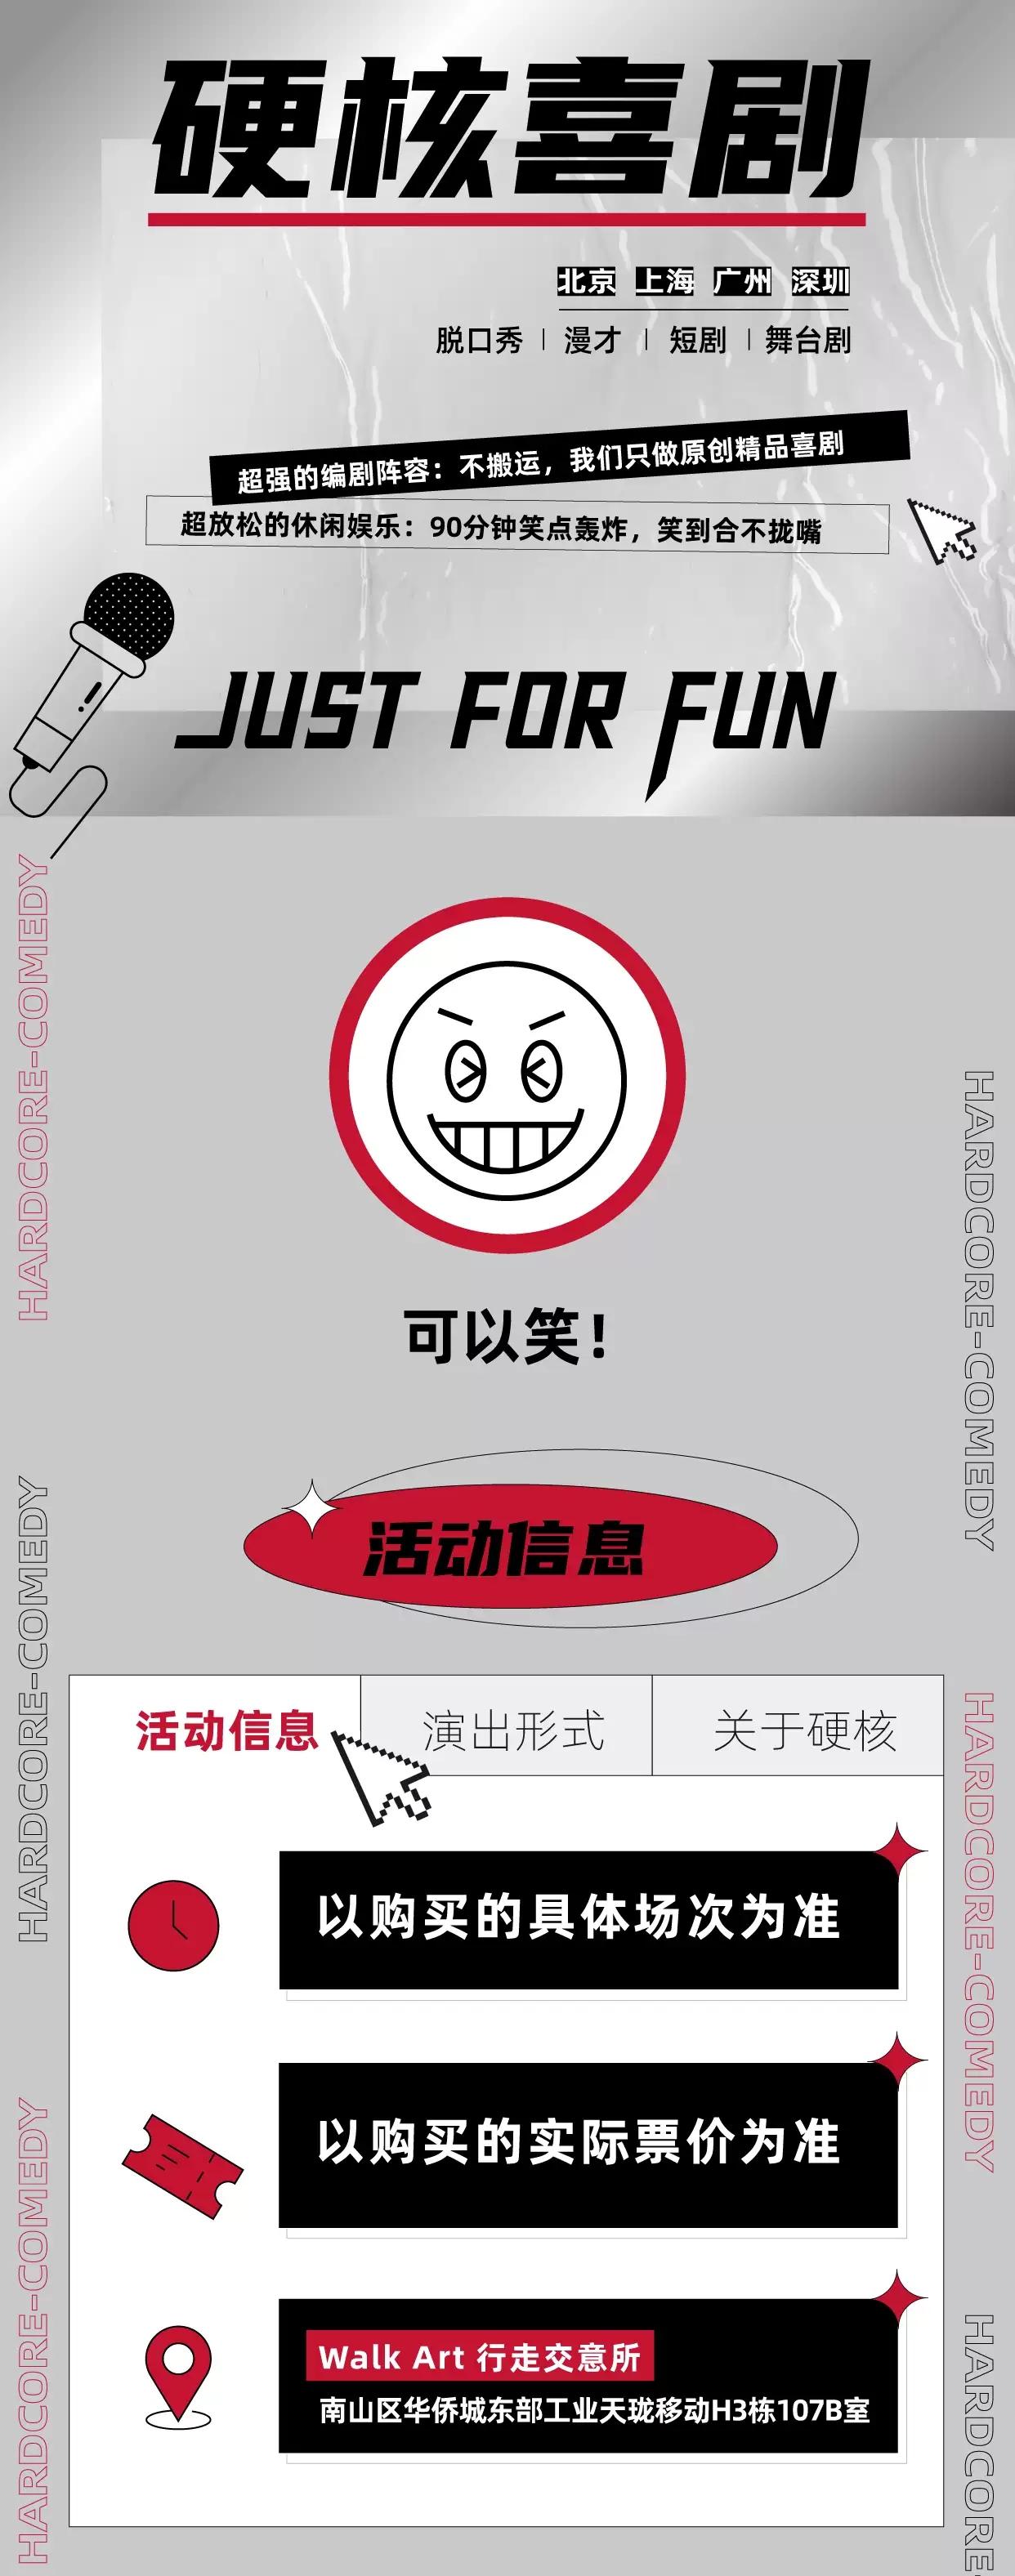 2021周三四开放麦 硬核喜剧脱口秀(南山)-深圳站